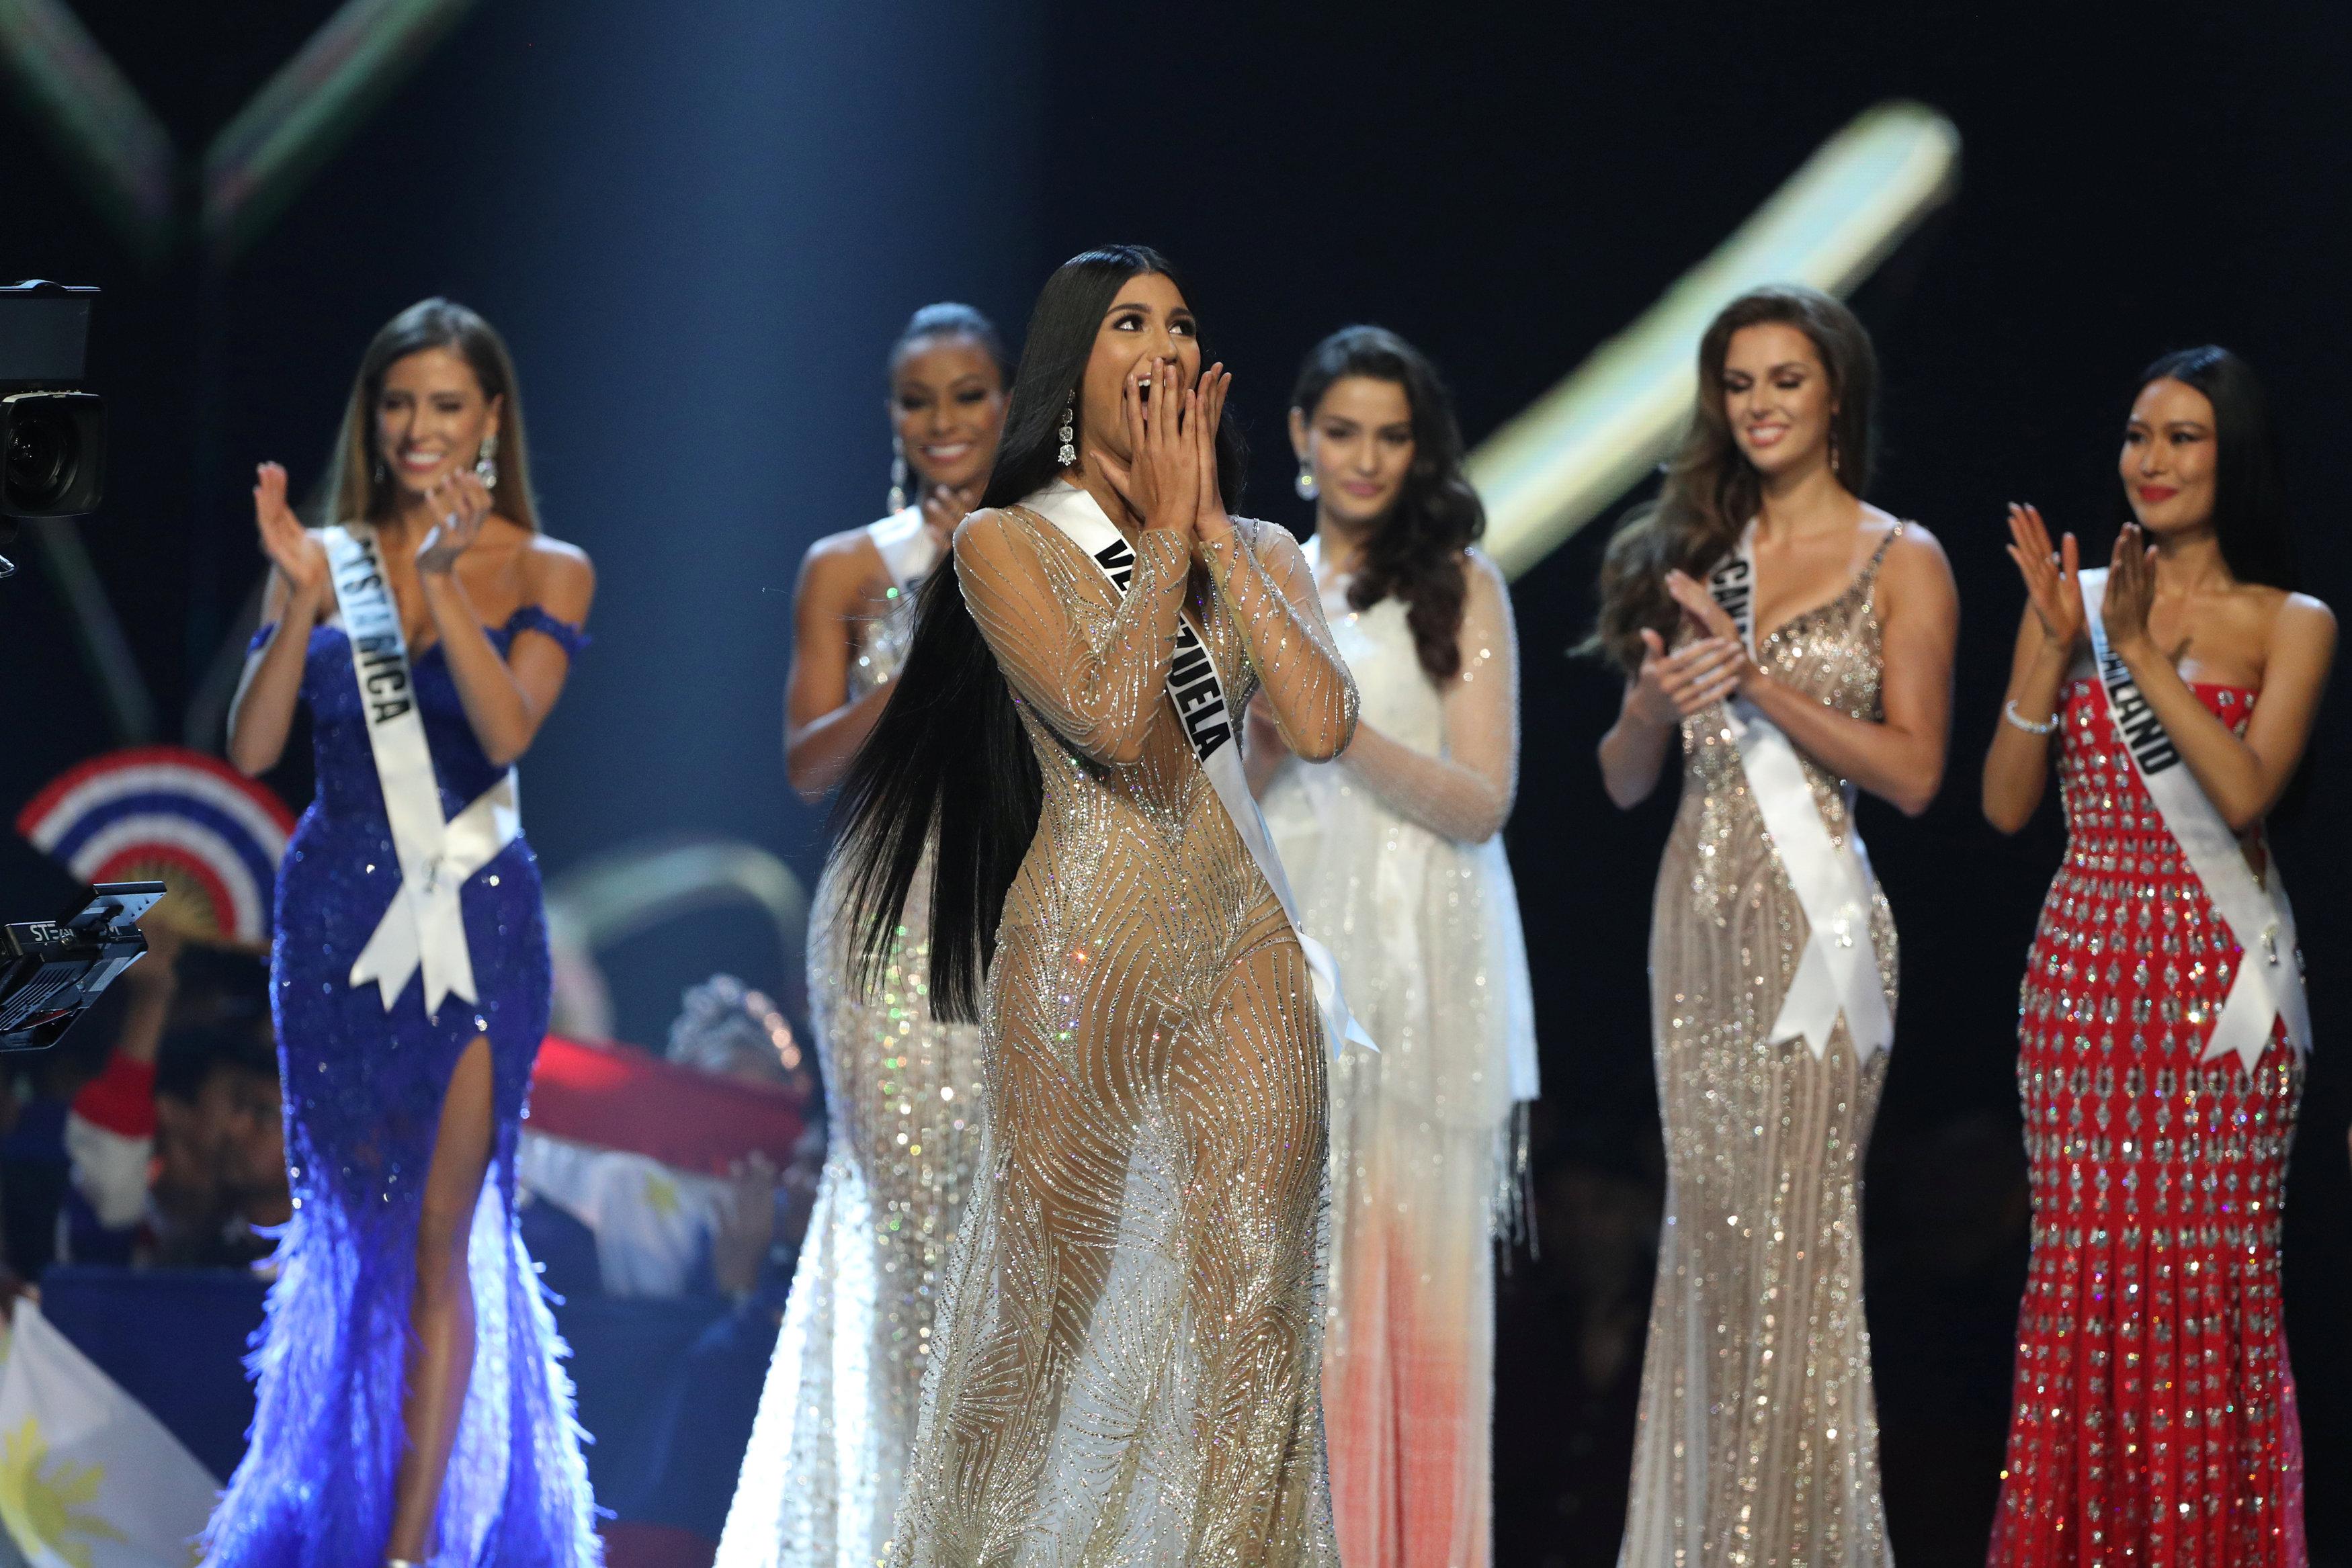 مسابقة ملكة جمال الكون من بانكوك (13)